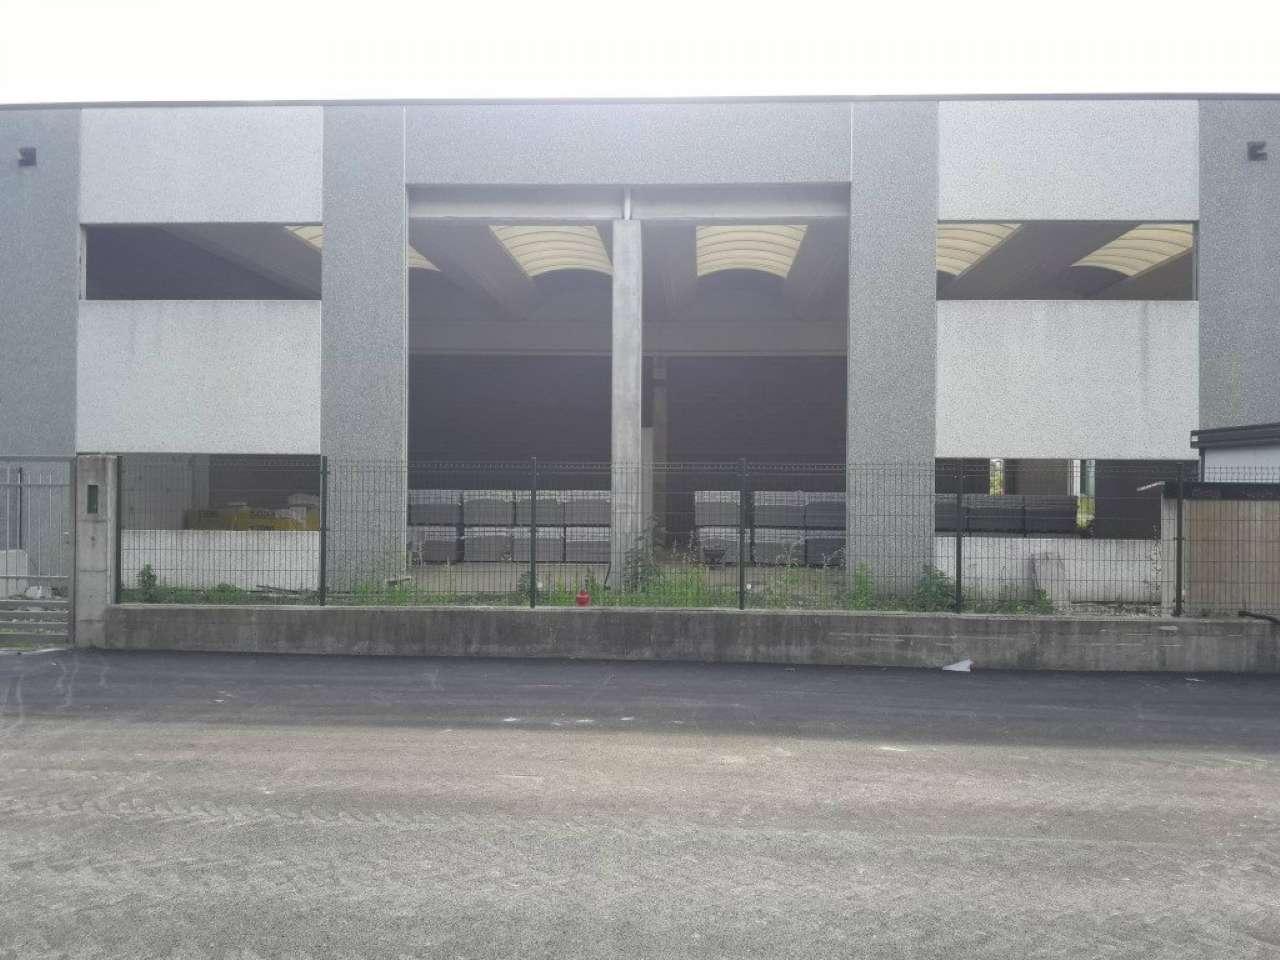 Capannone in vendita a Vedano Olona, 2 locali, prezzo € 1.100.000 | CambioCasa.it